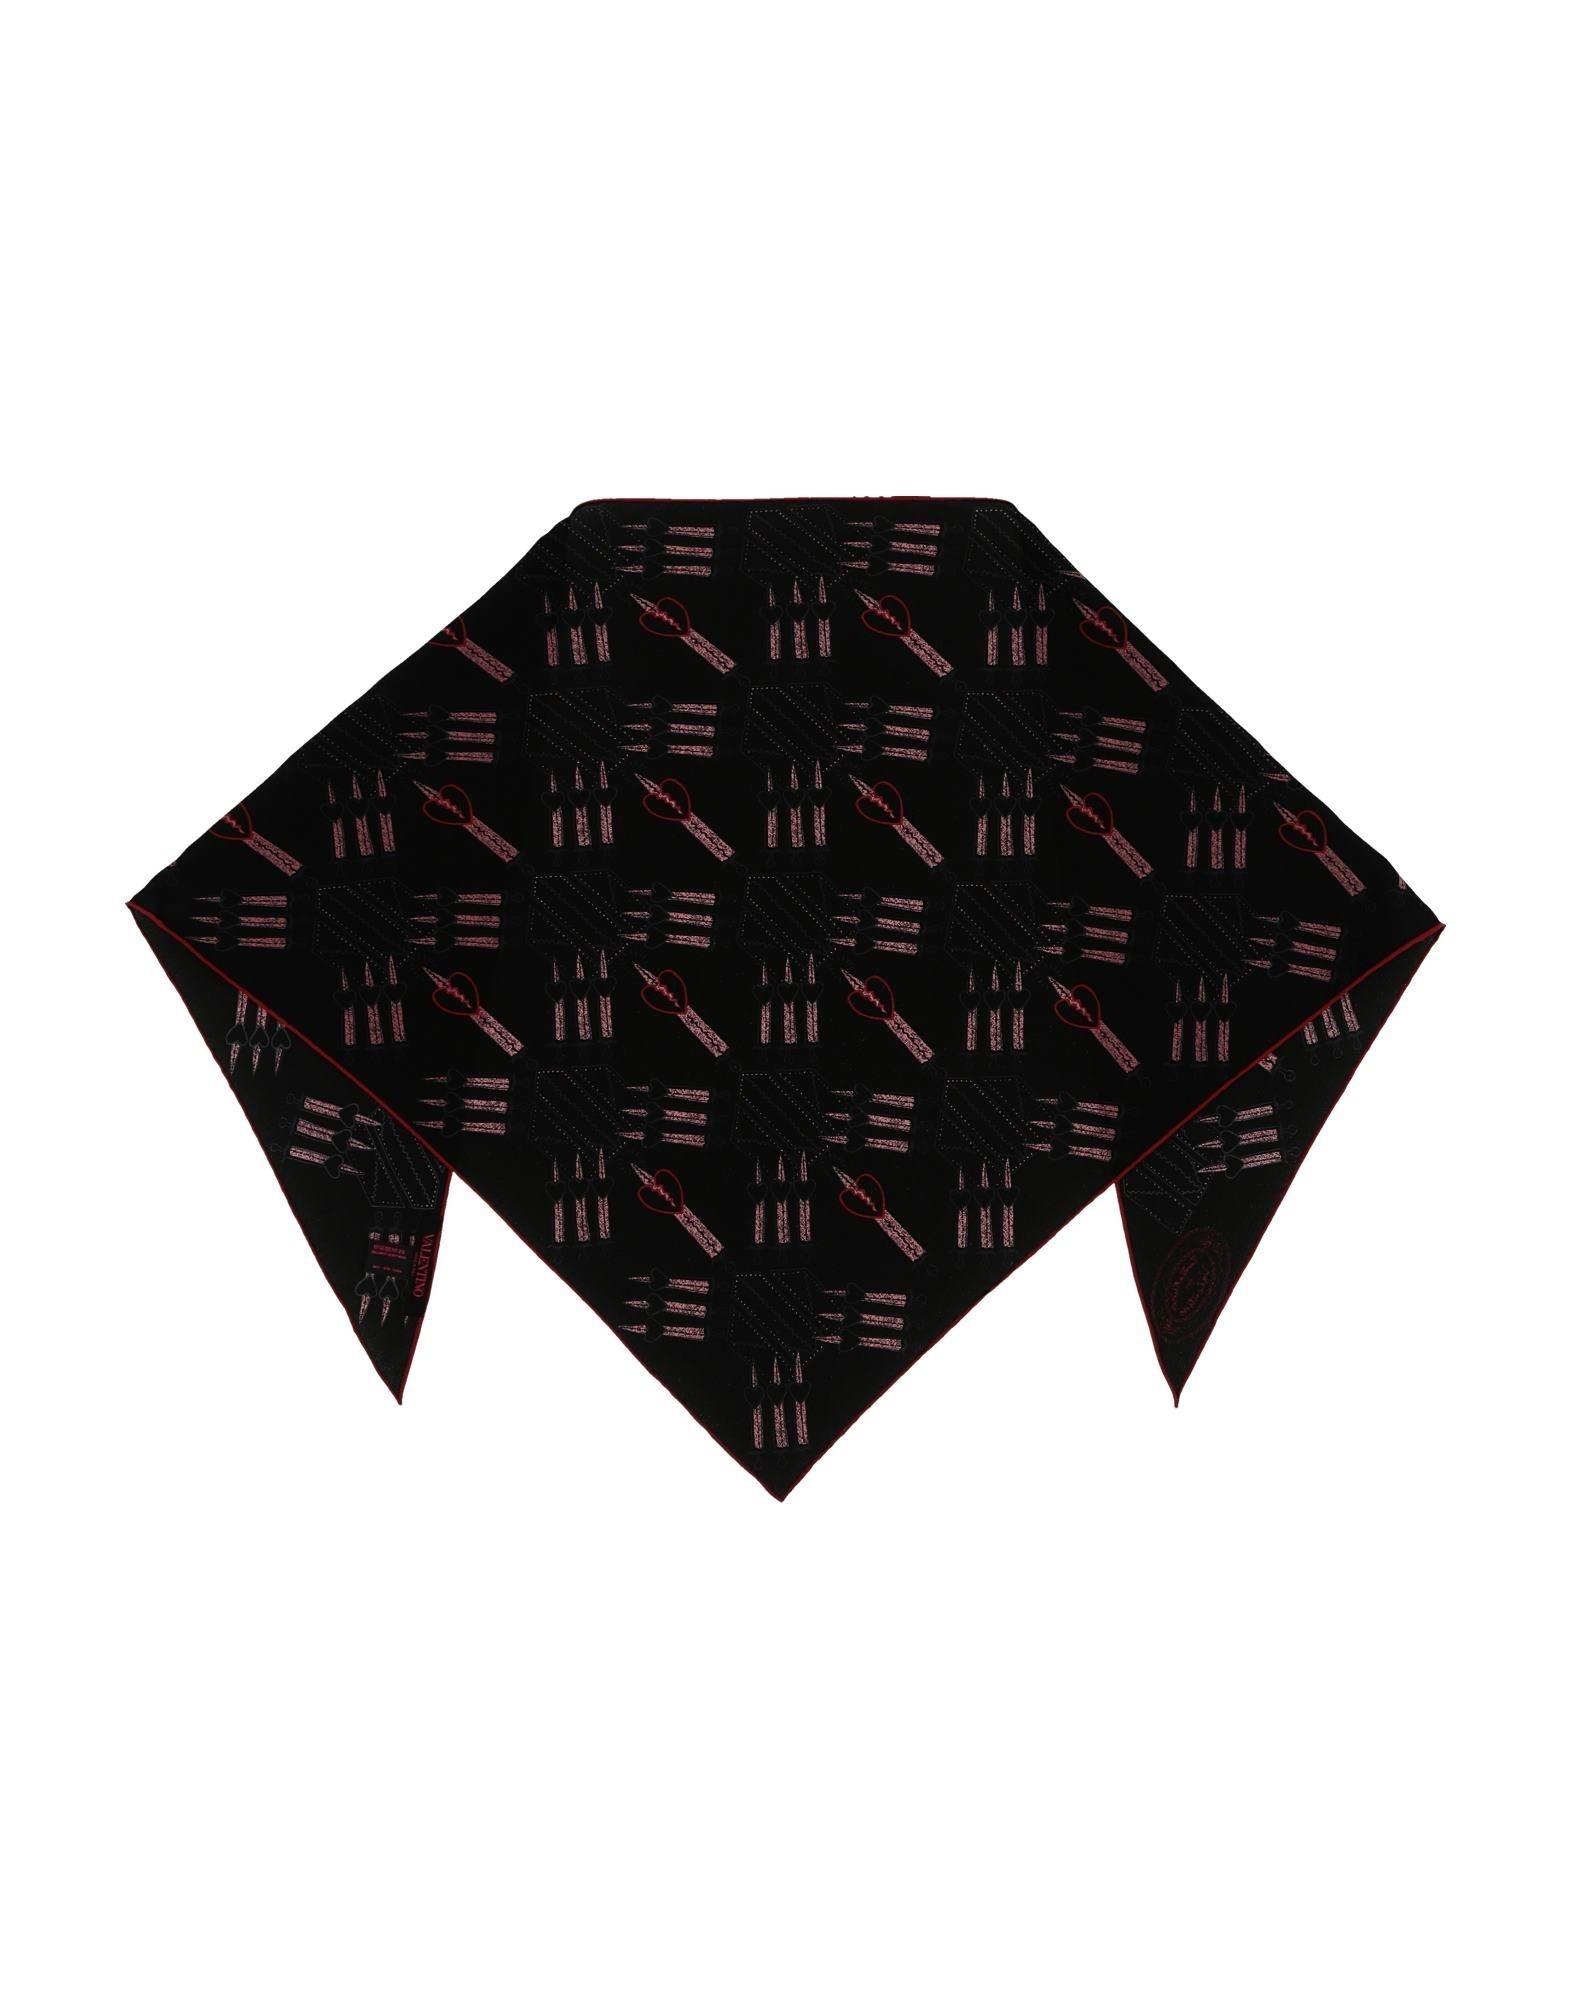 VALENTINO Шаль павловопосадская шерстяная шаль с шелковой бахромой волшебный узор 148х148 см